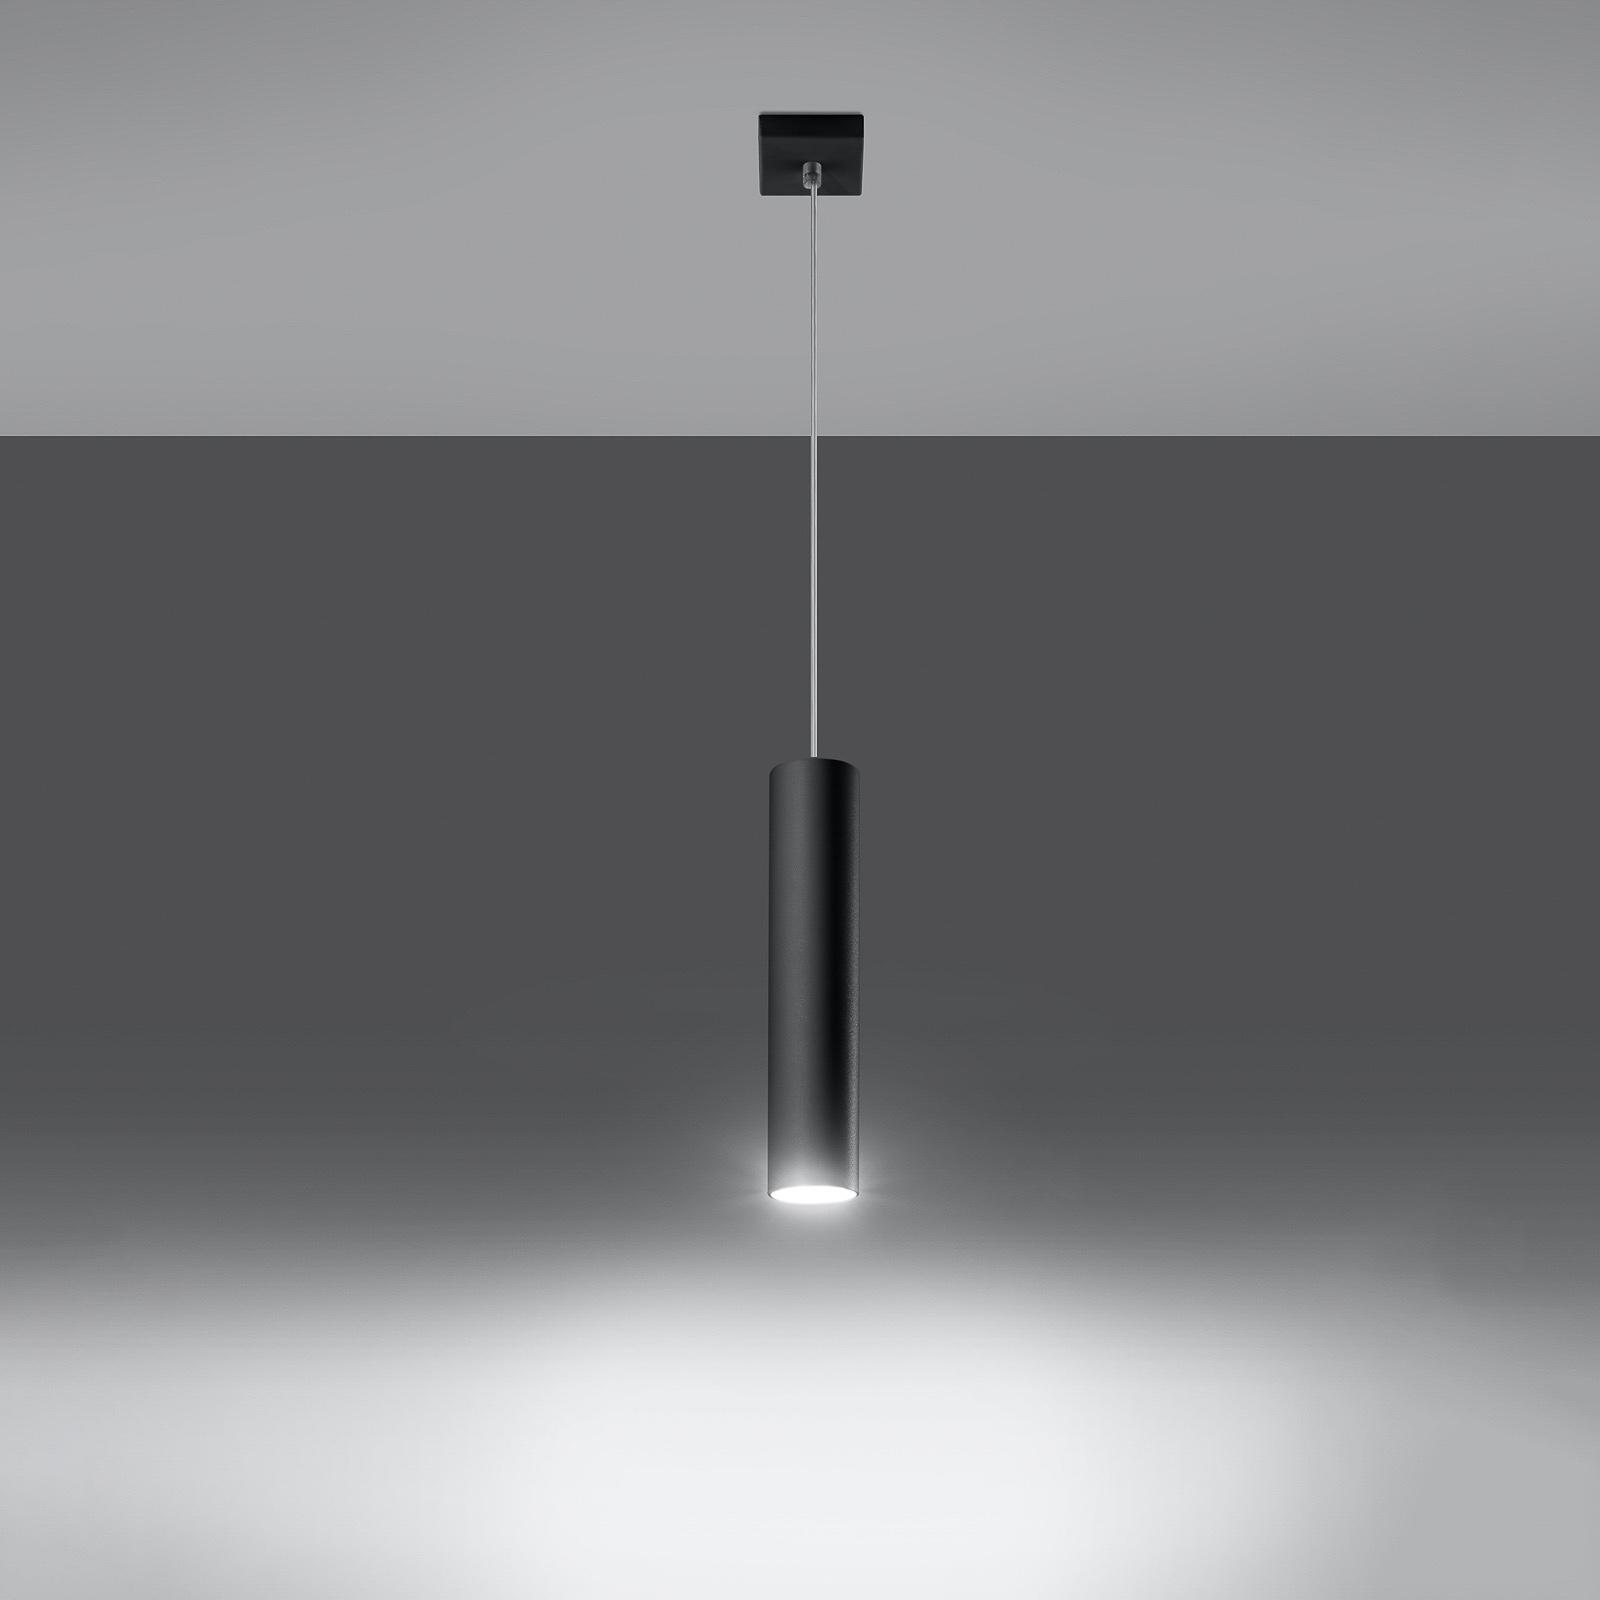 Riippuvalaisin Tube, musta, 1-lamppuinen